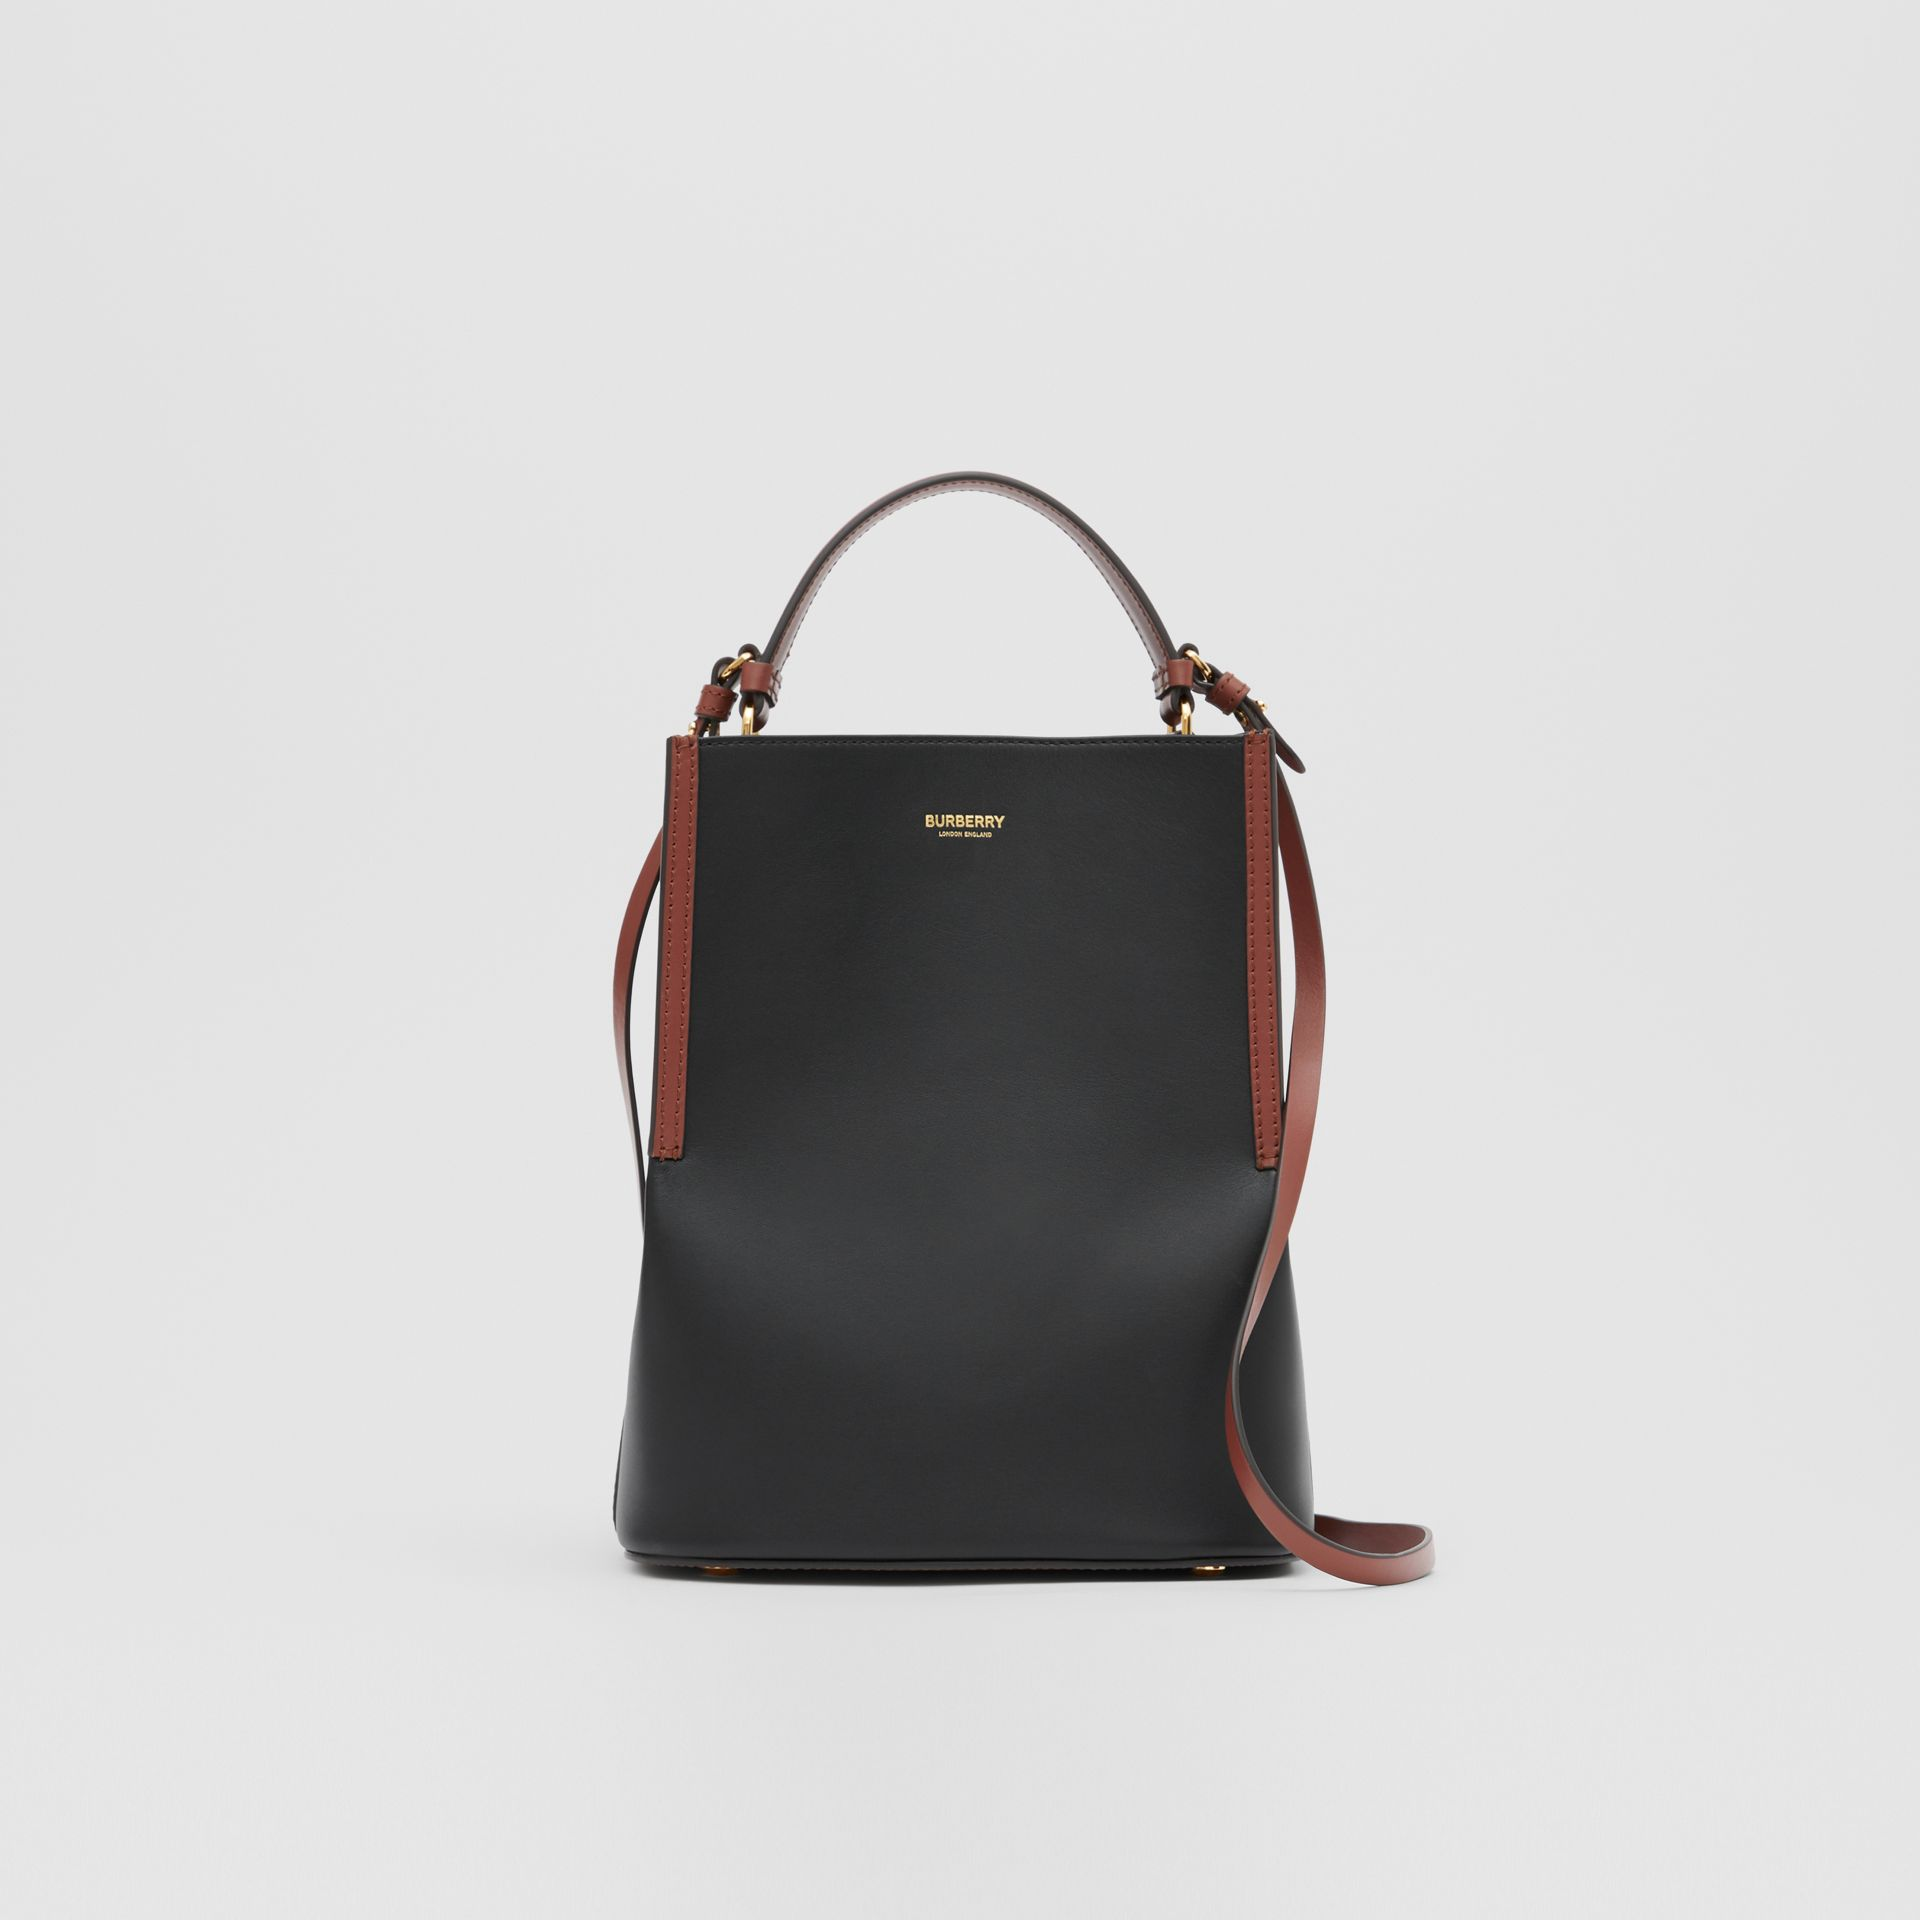 스몰 투톤 레더 페기 버킷 백 (블랙) - 여성 | Burberry - 갤러리 이미지 0